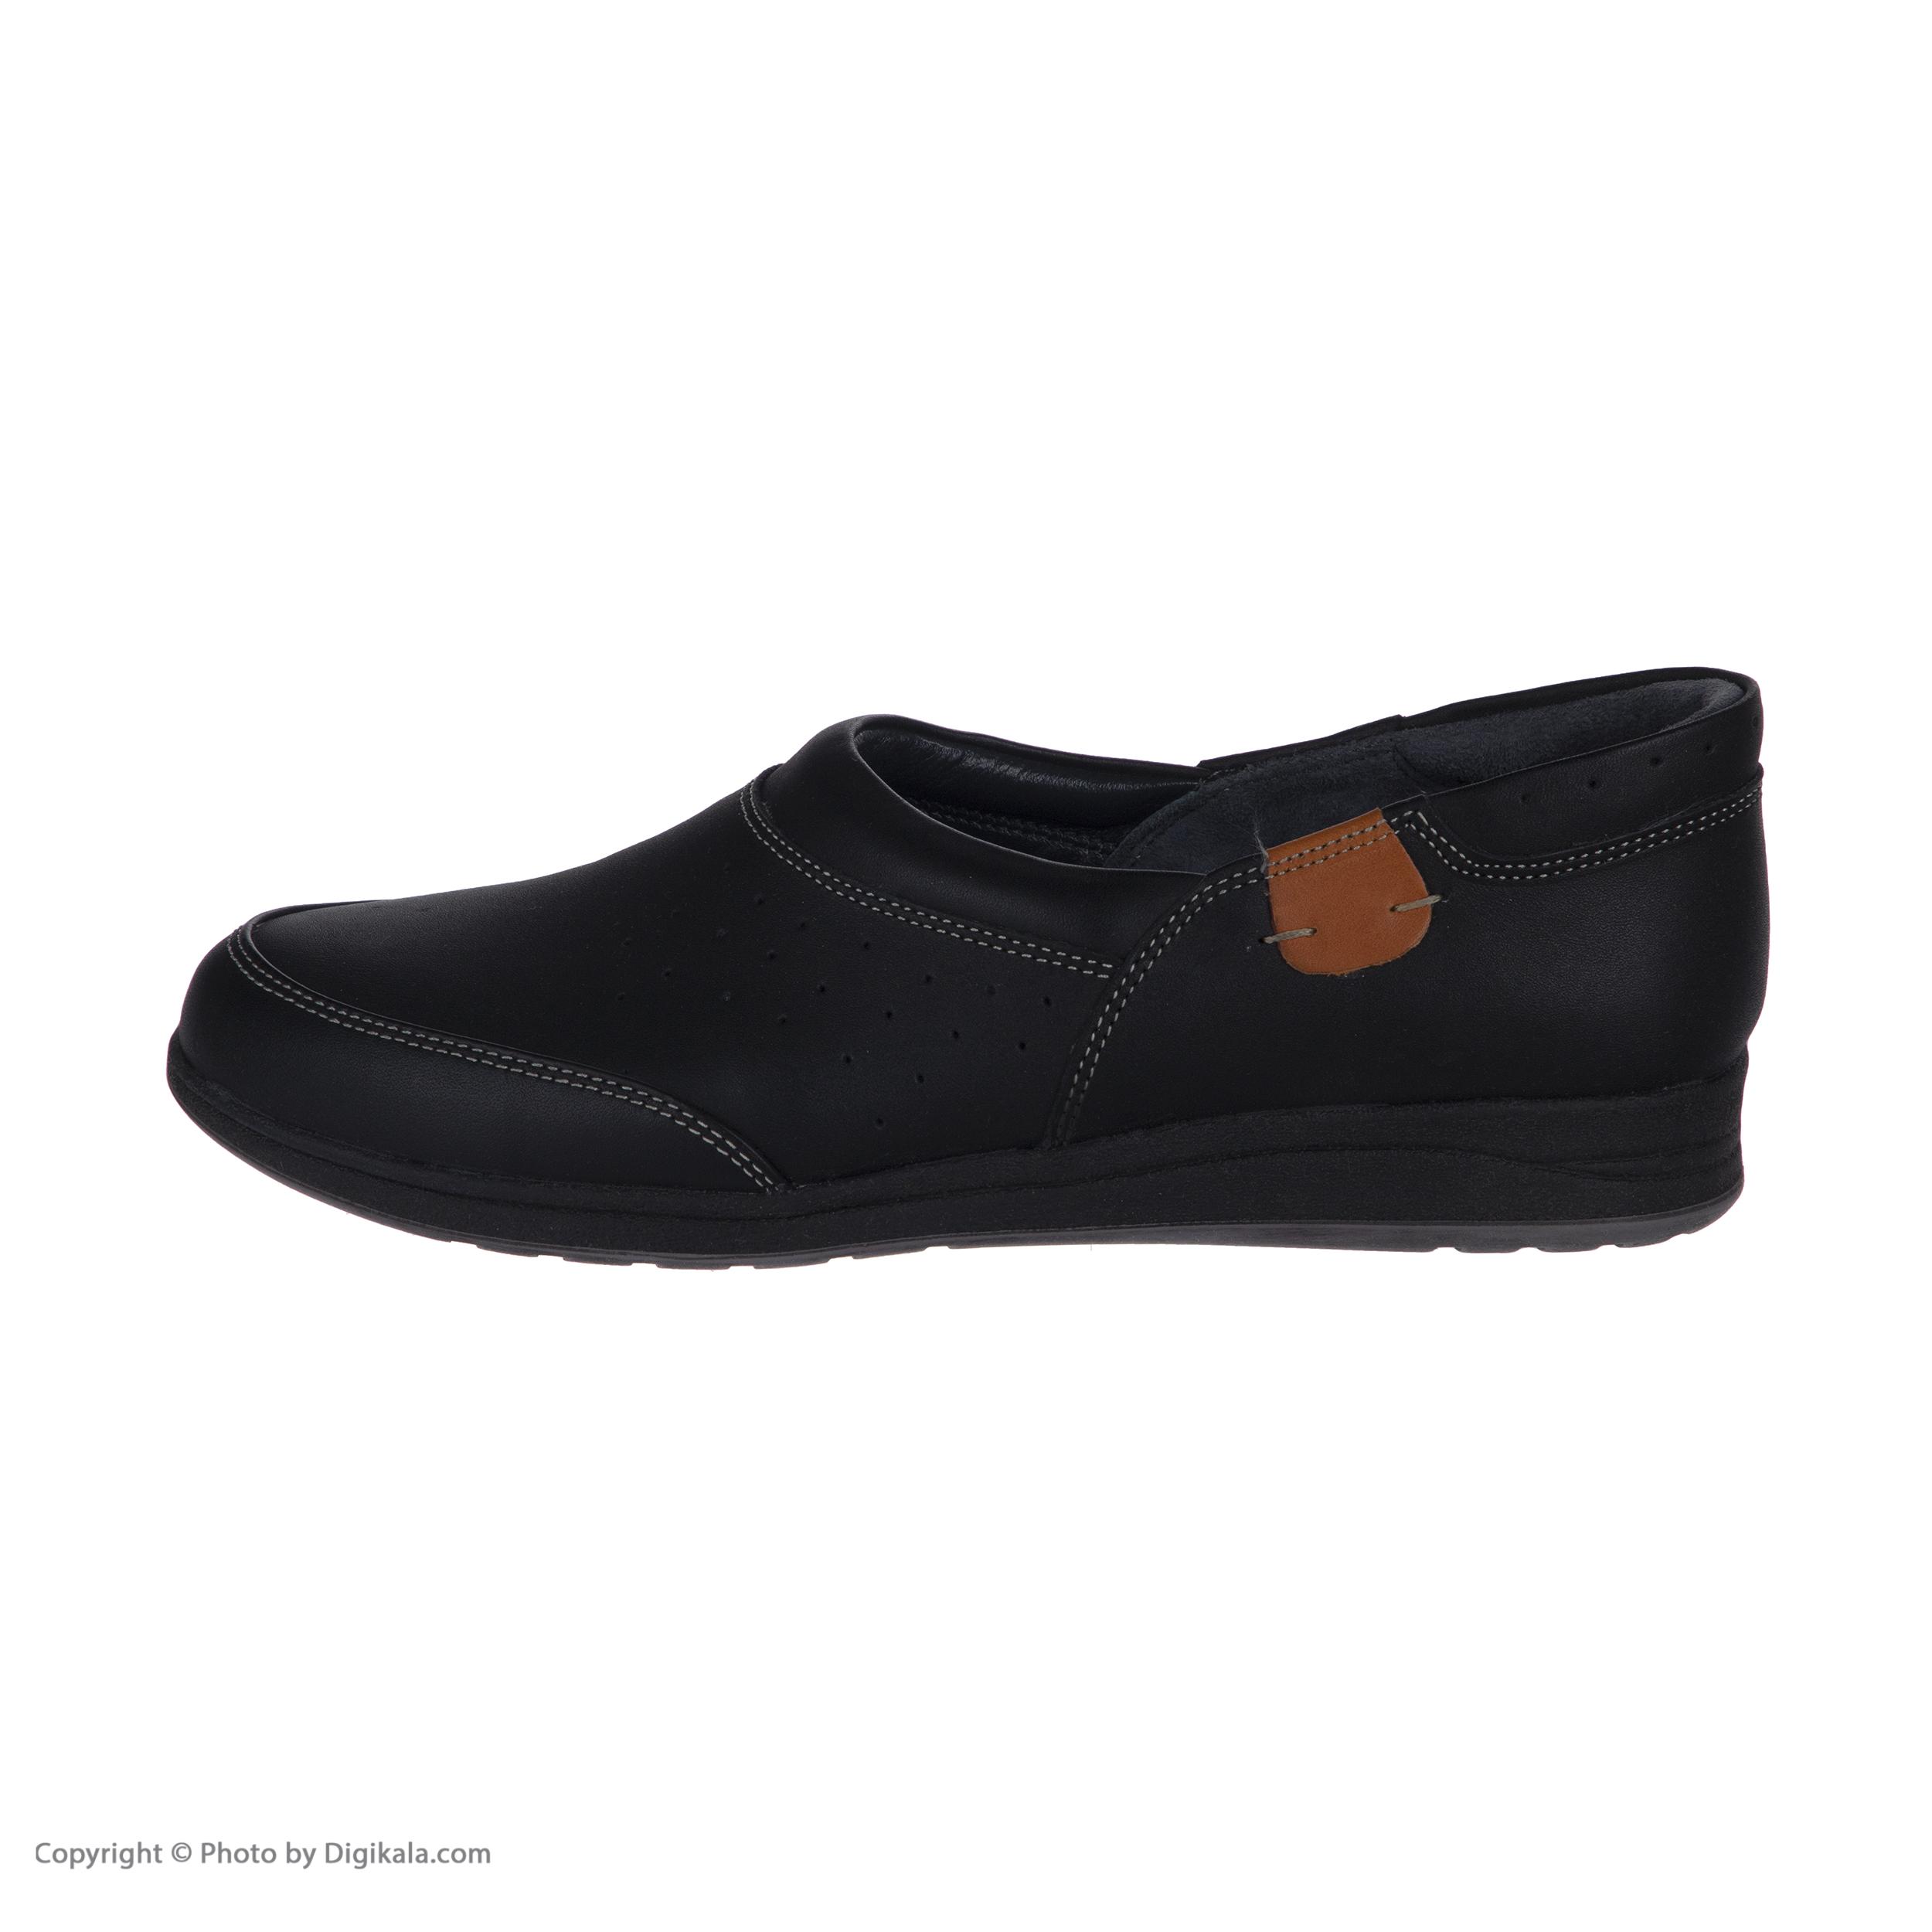 کفش روزمره زنانه سوته مدل 2959B500101 -  - 3